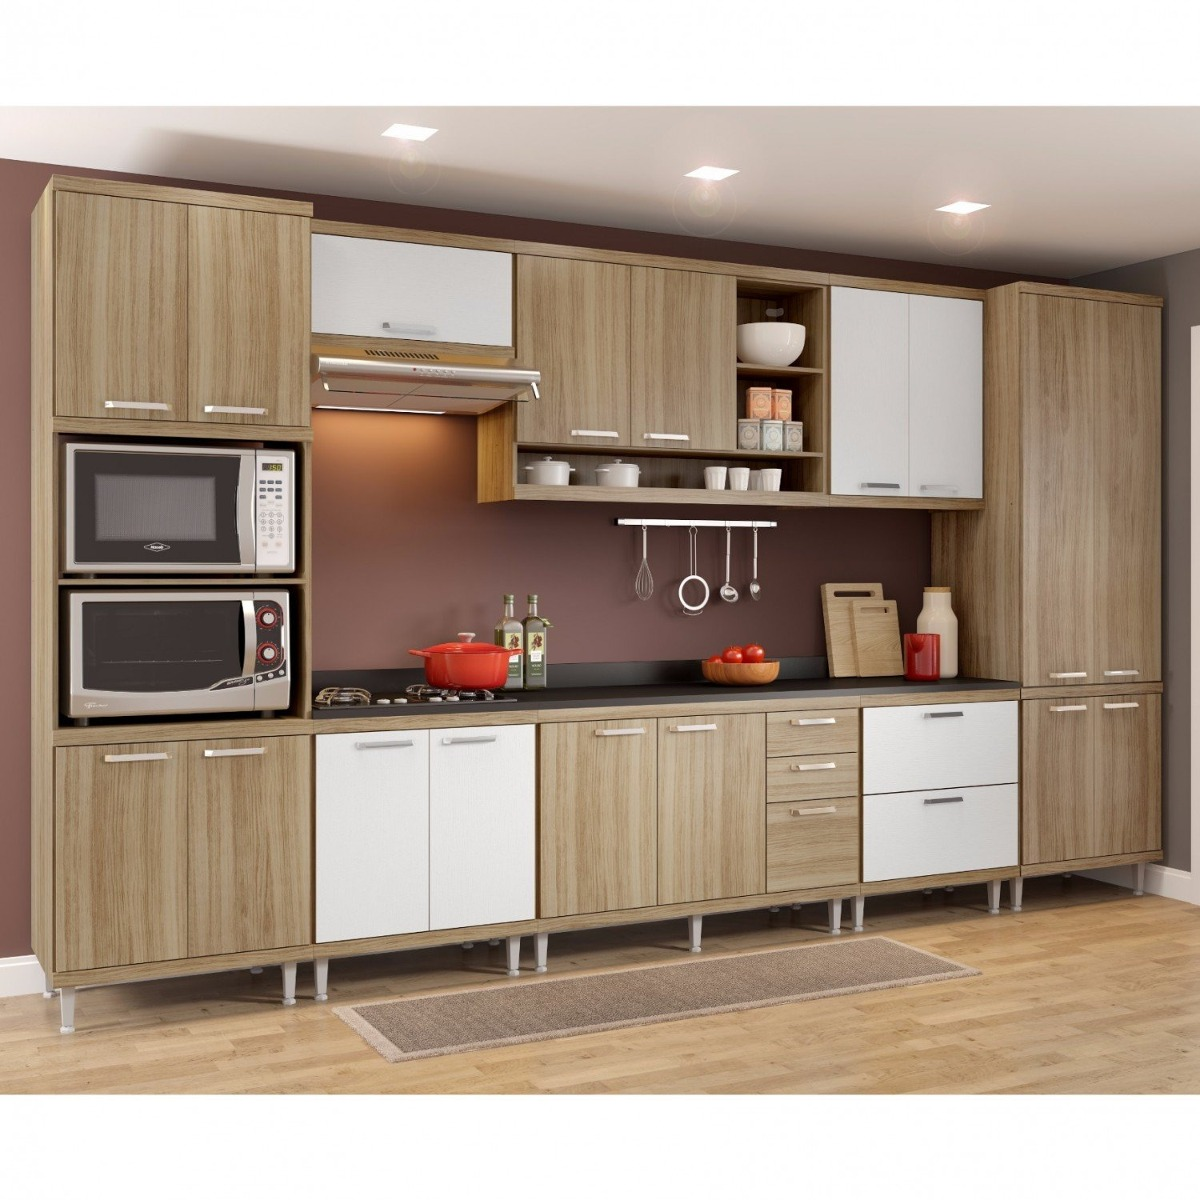 Cozinha Completa 9 Pe As Sic Lia S16t Multim Veis Gc R 3 099 90